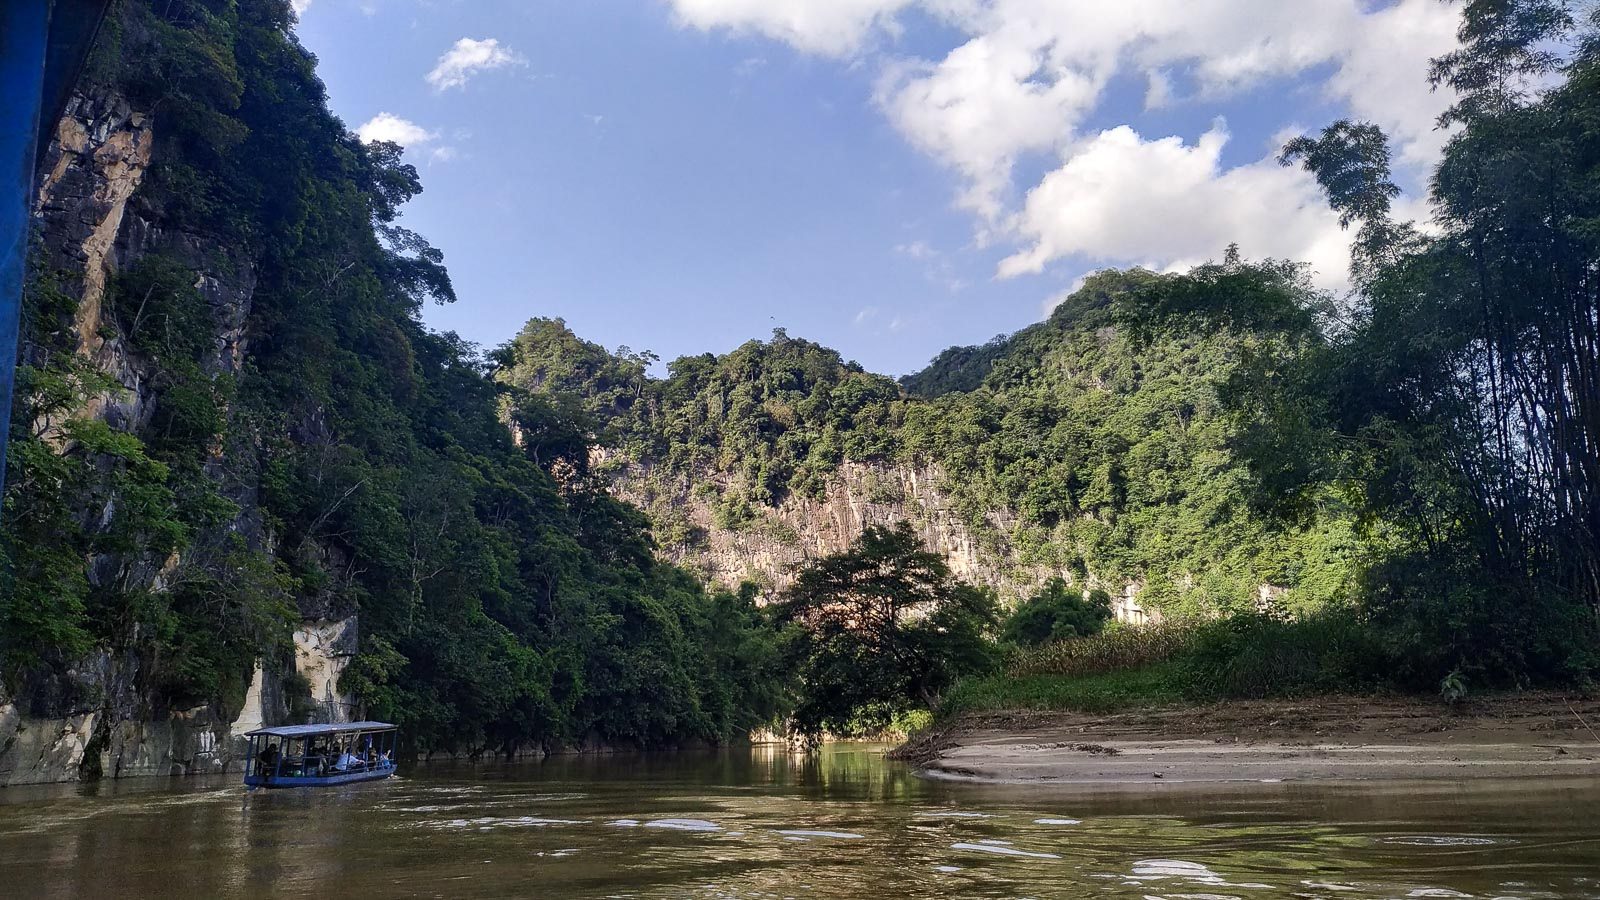 Đạp xe khám phá vùng lõi rừng quốc gia Ba Bể - 8